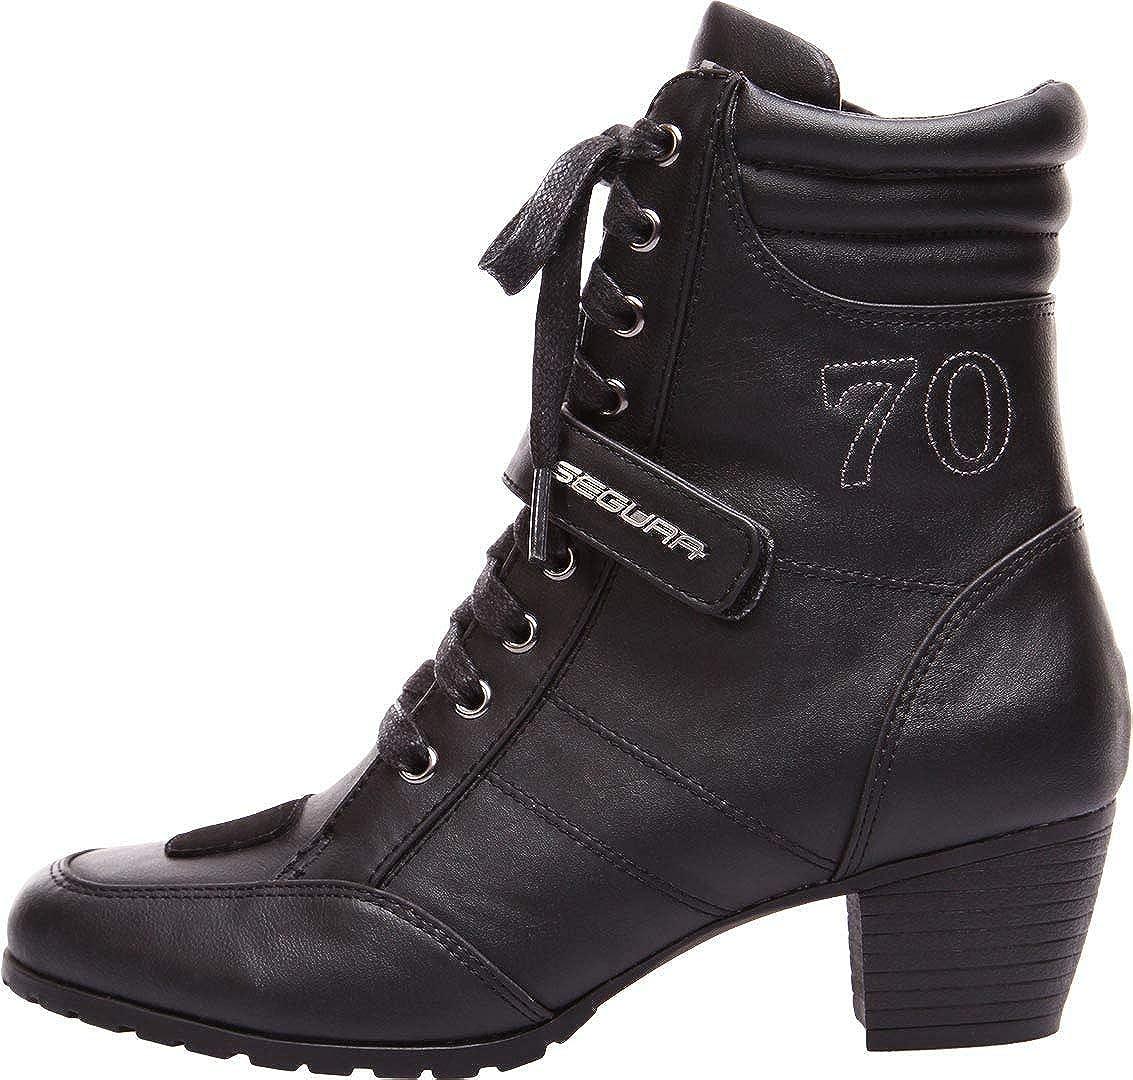 bottes femme moto segura